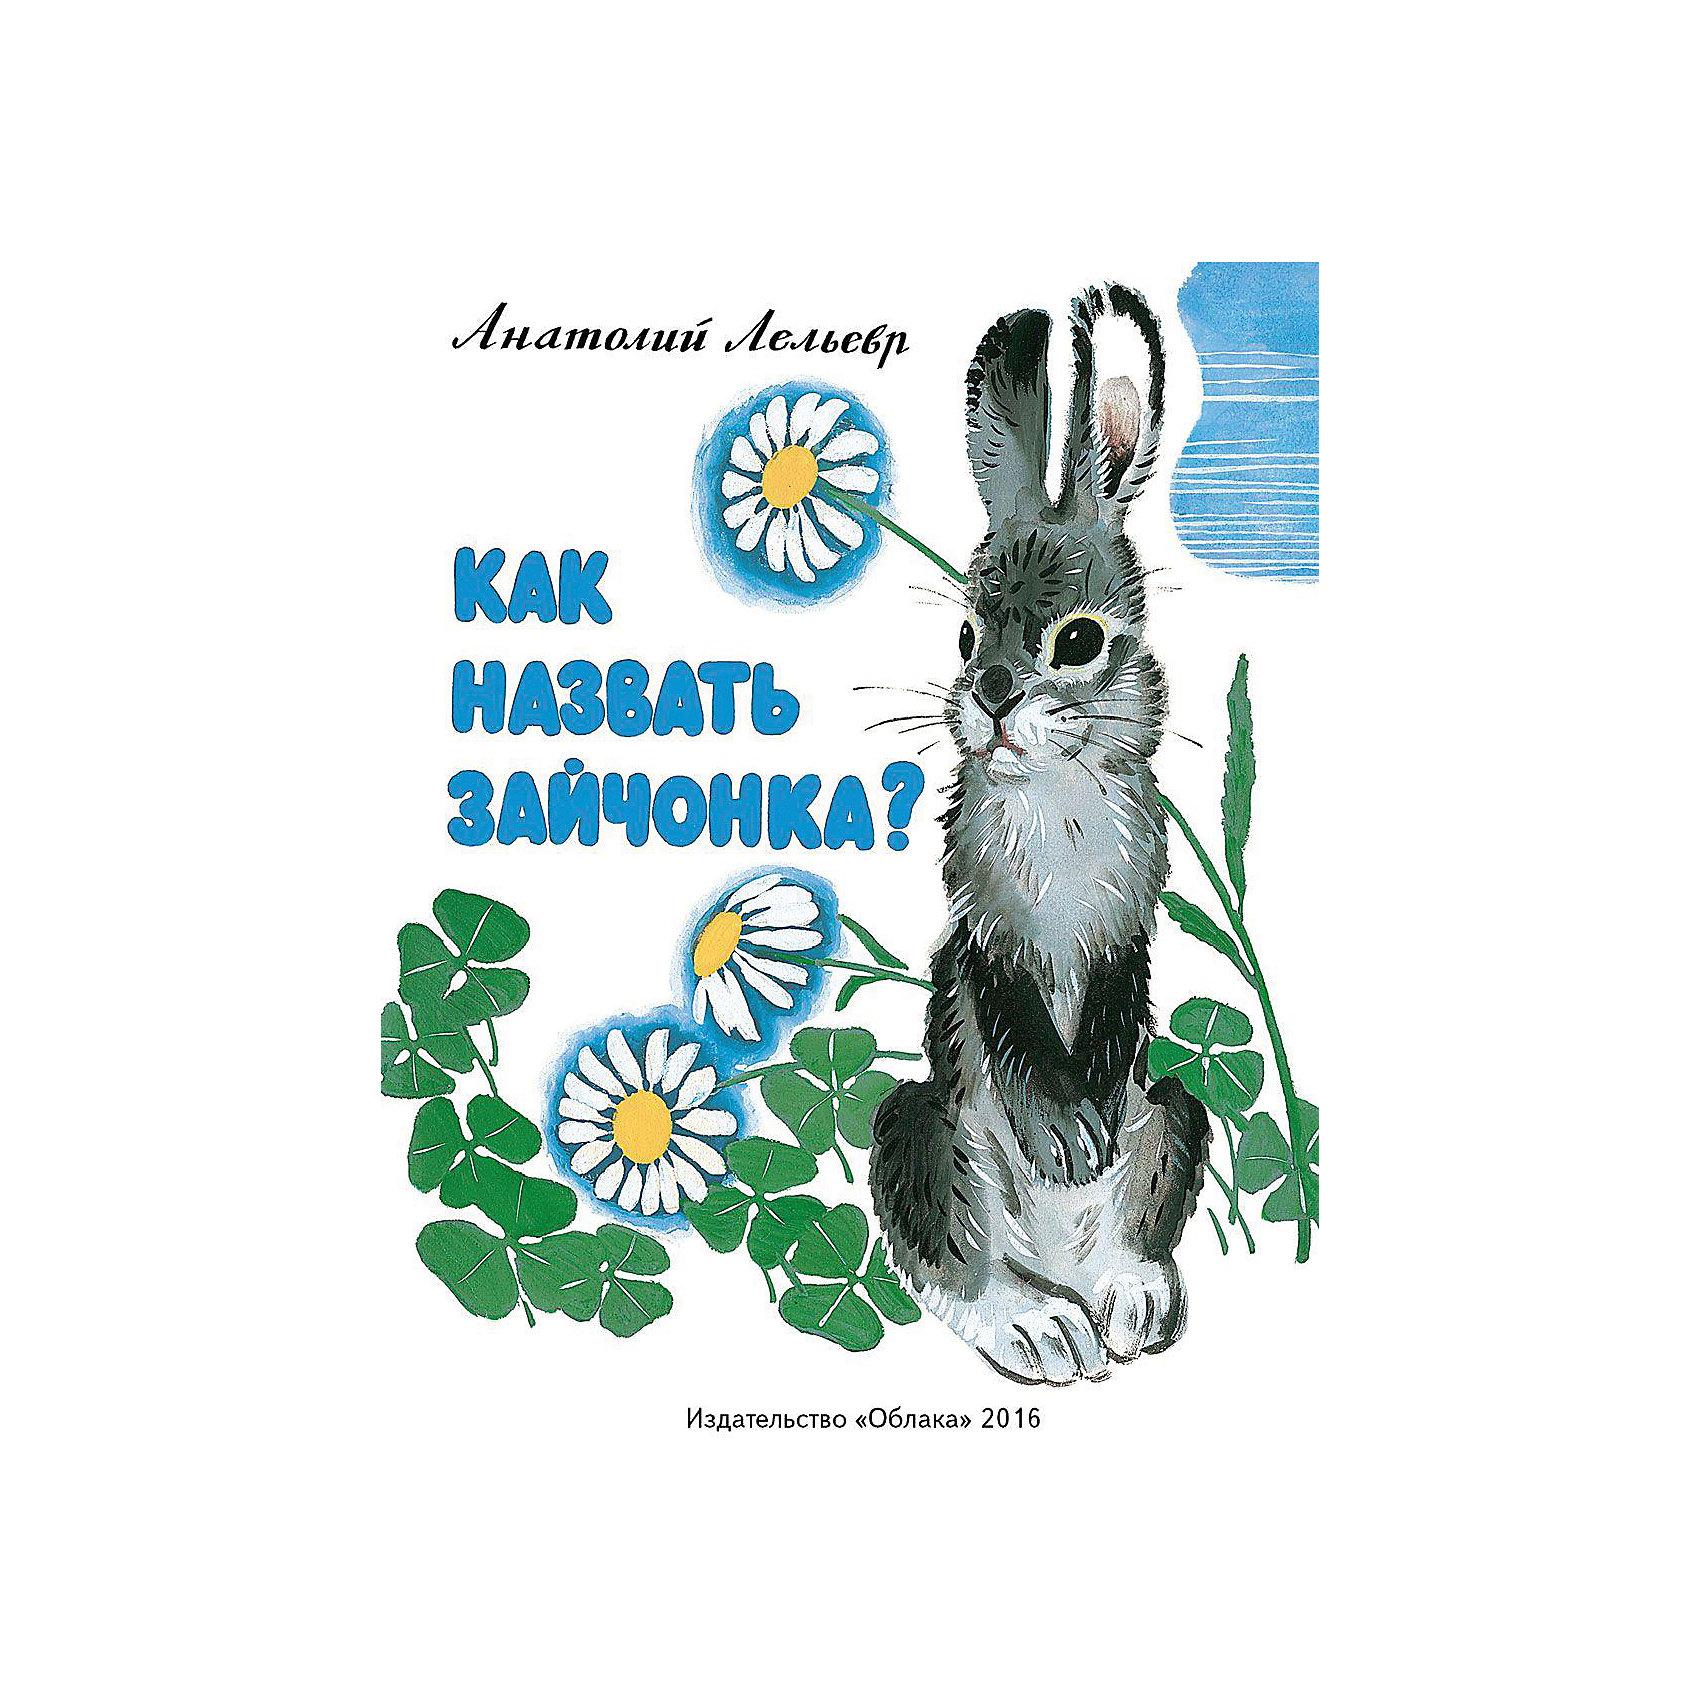 Как назвать зайчонка?, А. ЛельеврКак назвать зайчонка?, А. Лельевр - это сборник небольших, поучительных сказок.<br>В книге «Как назвать зайчонка?» собраны три веселых и поучительных сказки, написанных известным писателем Анатолием Владимировичем Лельевром. Первая сказка - о маме-зайчихе, которая долго выбирала имя для своего сынишки, и три раза это имя меняла. Вторая история - о добром и щедром зайце, разделившем вкуснейший калач с другими зверями. Третья, о хитром хорьке, нарядившемся волком, и заставившем весь лесной люд работать на себя. И только глазастый заяц разоблачил обманщика. Сказки мягко и ненавязчиво учат детей честности и доброте. Красочные иллюстрации к книге выполнены членом Московского Союза Художников Манухиным Ярославом Николаевичем. Для чтения взрослыми детям.<br><br>Дополнительная информация:<br><br>- Автор: Лельевр Анатолий Владимирович<br>- Художник: Манухин Ярослав Николаевич<br>- Издательство: Облака, 2016 г.<br>- Тип обложки: мягкий переплет (крепление скрепкой или клеем)<br>- Иллюстрации: цветные<br>- Количество страниц: 20 (офсет)<br>- Размер: 275x217x3 мм.<br>- Вес: 110 гр.<br><br>Книгу Как назвать зайчонка?, А. Лельевр можно купить в нашем интернет-магазине.<br><br>Ширина мм: 217<br>Глубина мм: 3<br>Высота мм: 275<br>Вес г: 110<br>Возраст от месяцев: -2147483648<br>Возраст до месяцев: 2147483647<br>Пол: Унисекс<br>Возраст: Детский<br>SKU: 4916599